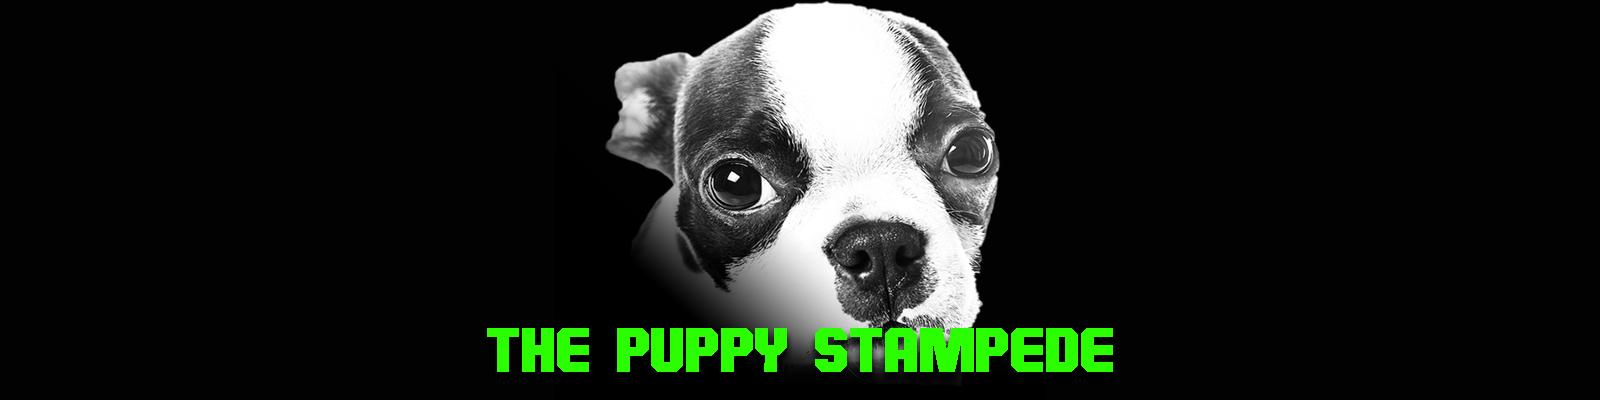 PUPPY strip.jpg